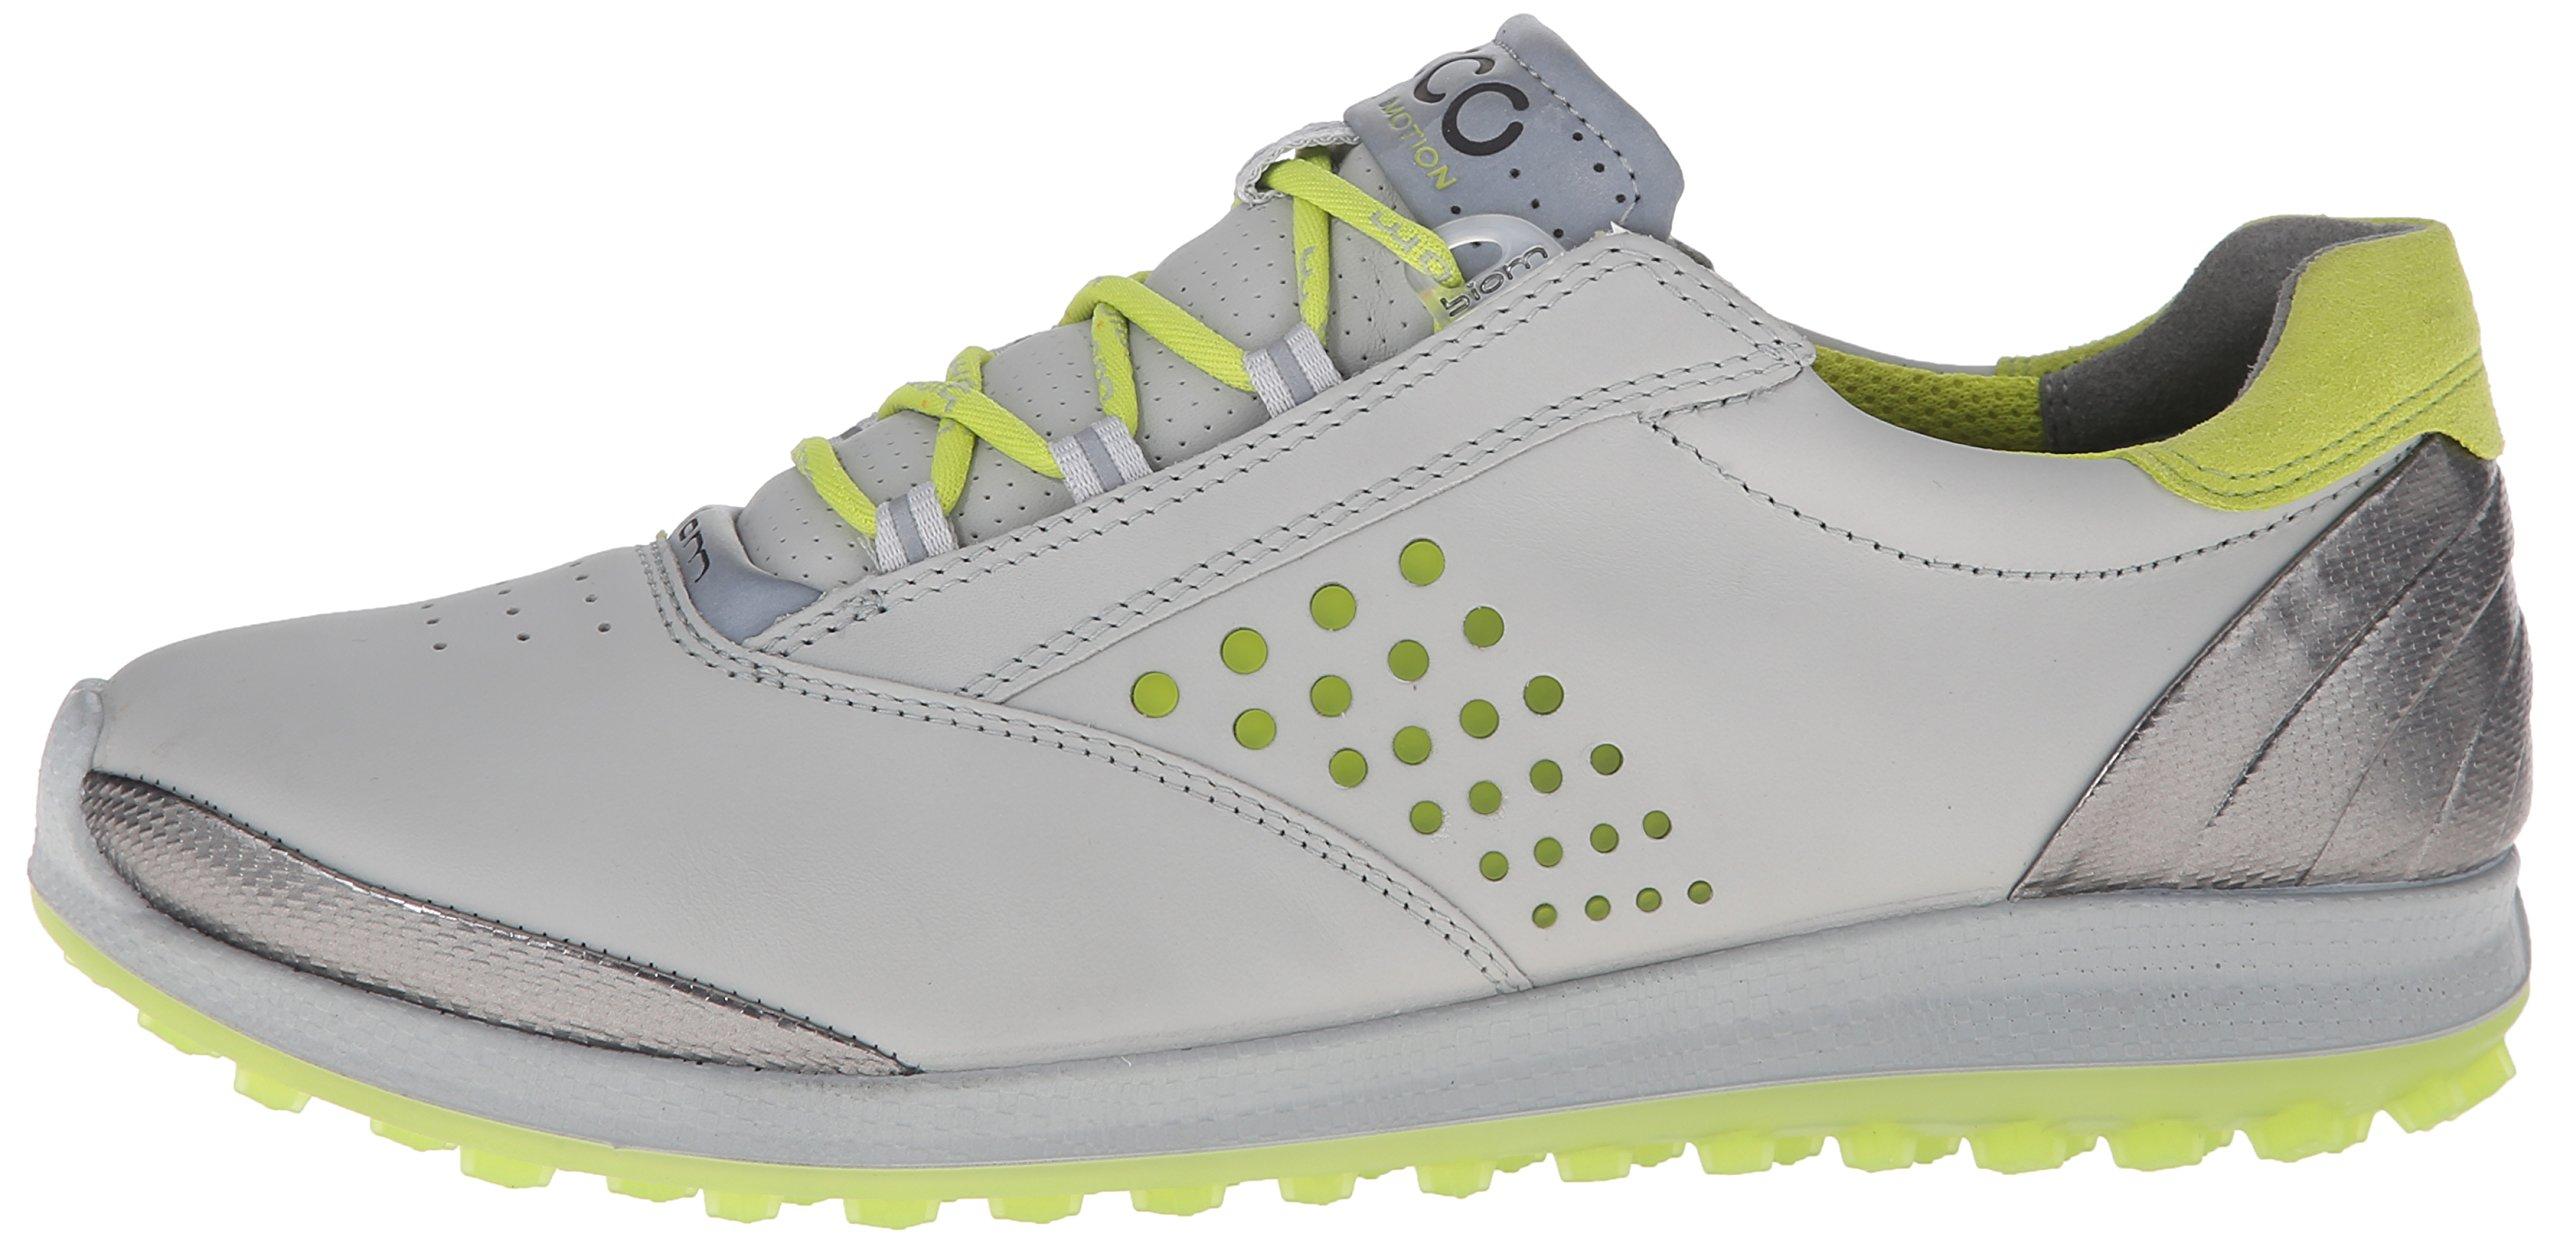 Ecco Women's Golf Biom Hybrid 2, Damen Golfschuhe, Beige - Oyester/Orange Leather - Größe: 36-36,5 EU F